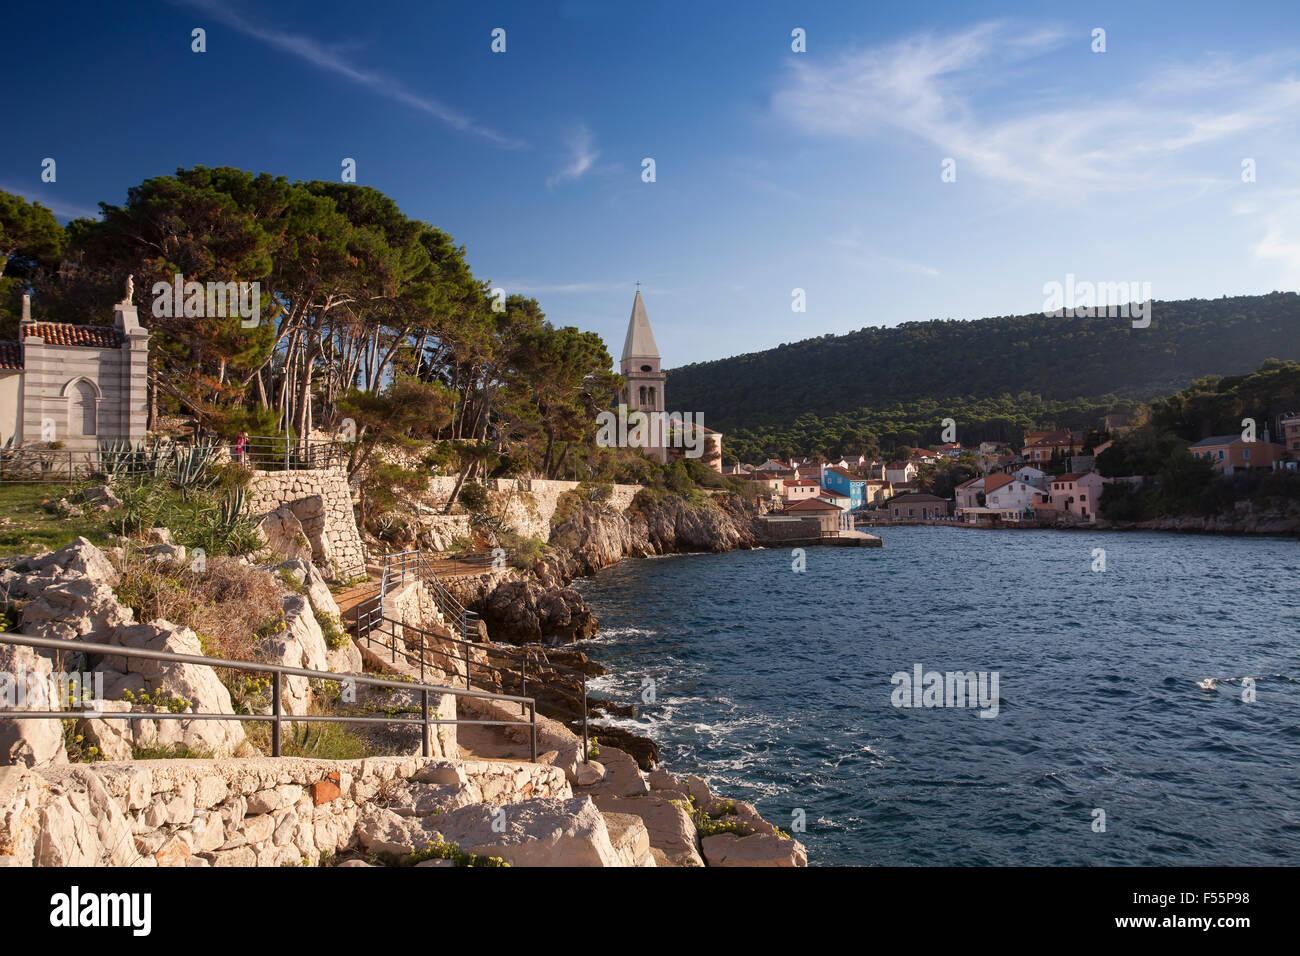 Vista de Veli perder Harbour, con la Iglesia de San Basilio, la isla de Cres, Golfo de Kvarner, Mar Adriático, Croacia Foto de stock